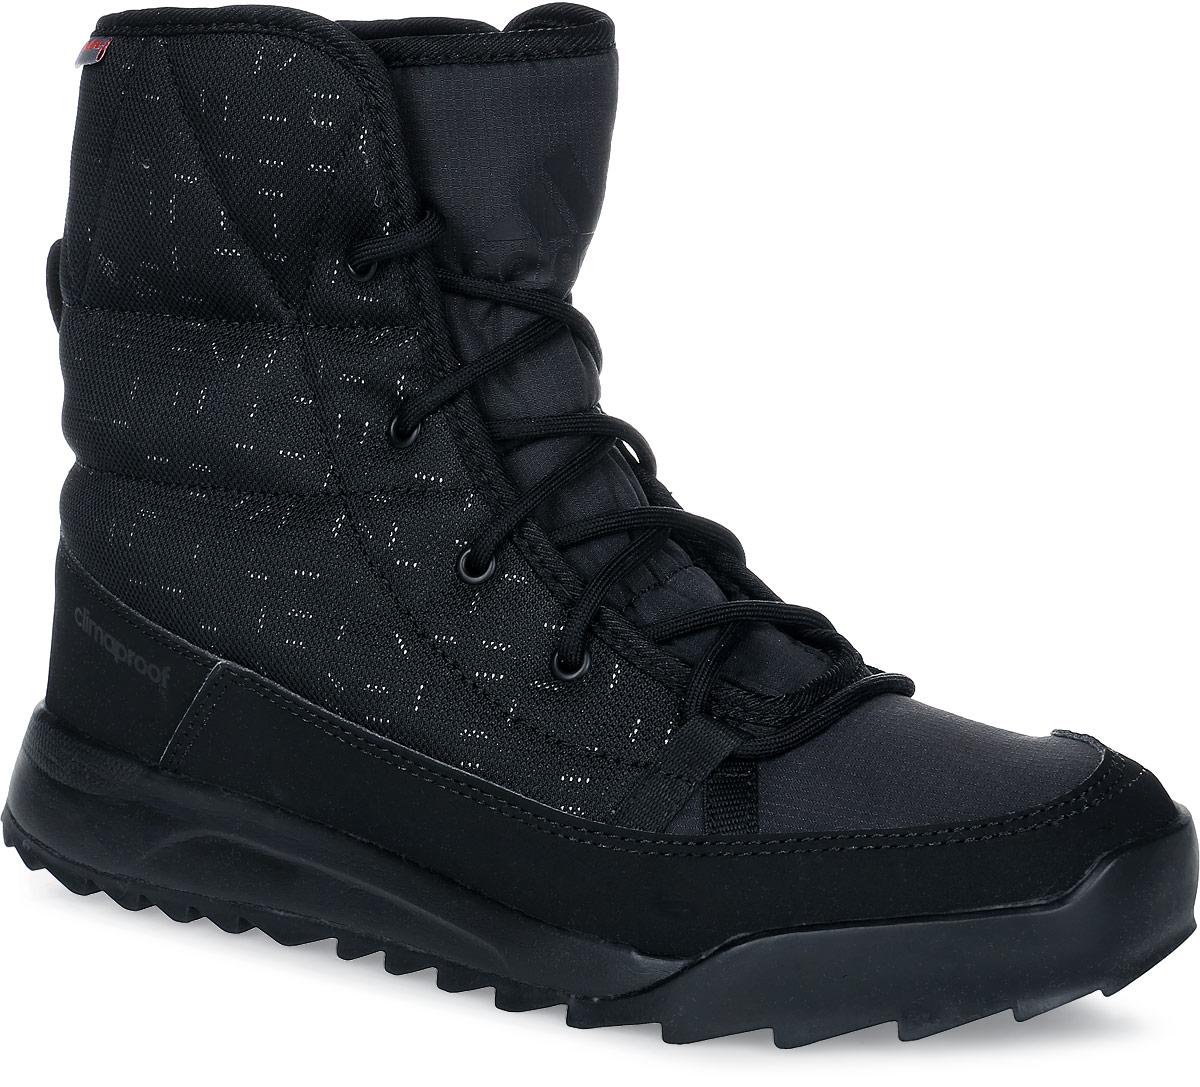 Ботинки женские adidas CW Choleah Padded C, цвет: черный. AQ4261. Размер 4 (35,5)AQ4261Женские туристические ботинки CW Choleah Padded C от adidas, выполненные из водонепроницаемого материала Climaproof с утеплителем PrimaLoft сохранят ваши ноги в тепле и сухости на заснеженных тропах и холодных улицах. Высокотехнологичный синтетический наполнитель PrimaLoft продолжает греть даже во влажном состоянии. Текстильный верх со светоотражающим принтом и дизайн адаптирован под особенности женской стопы. Модель дополнена вставками из синтетических материалов для износостойкости.Резиновая подошва Traxion с глубоким протектором для оптимального сцепления сохраняет свои свойства в течение долгого времени.